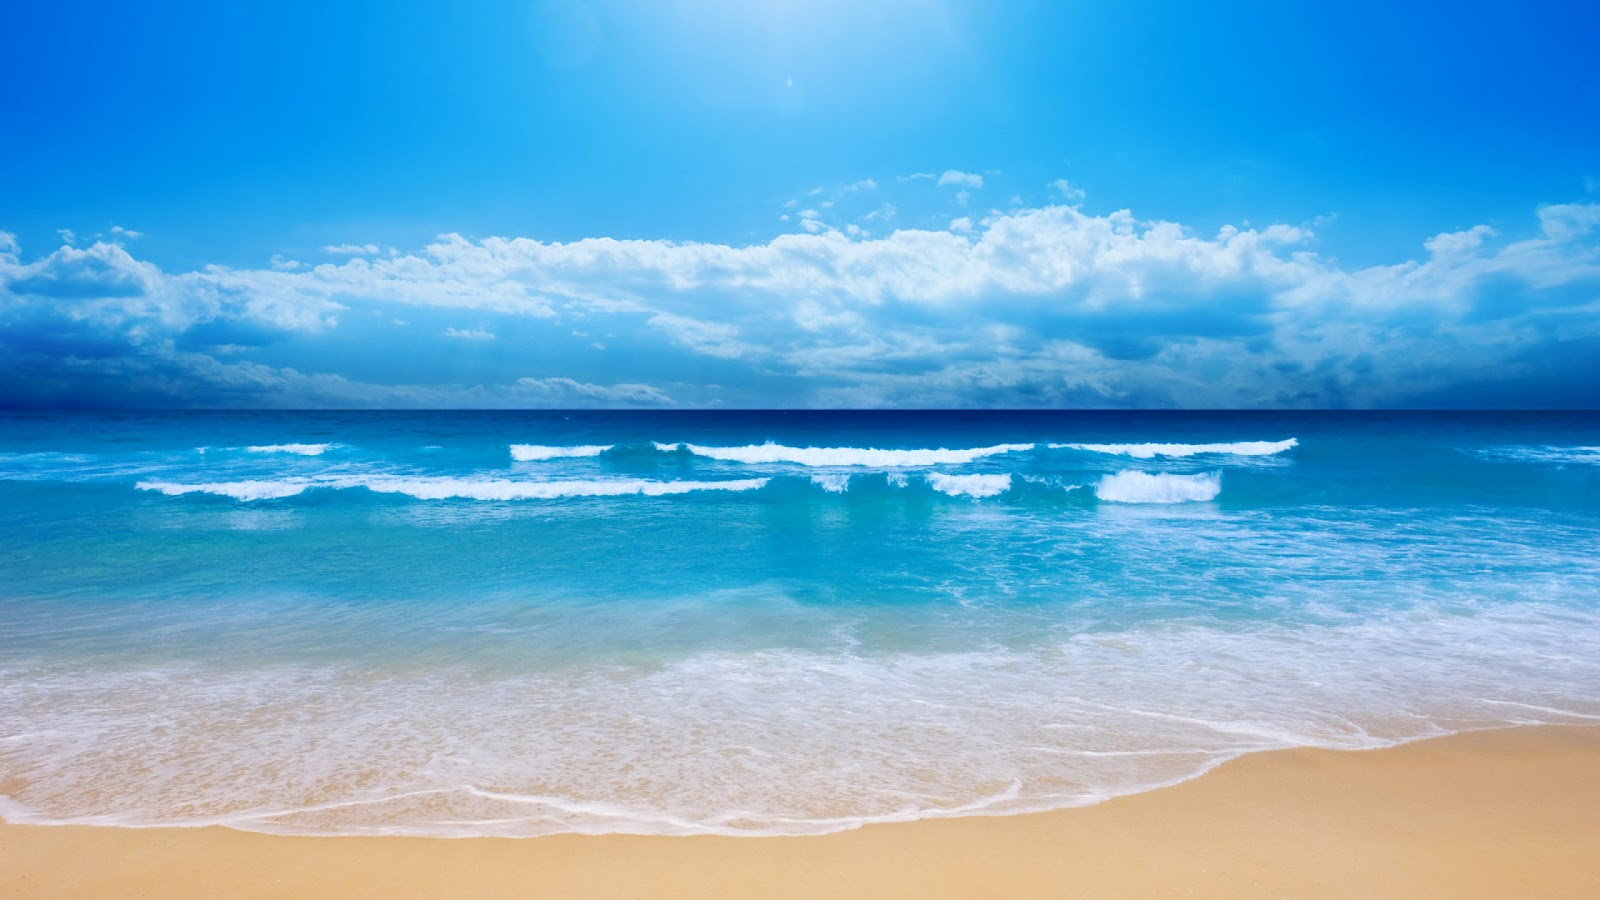 http://2.bp.blogspot.com/-2bwDT_0pQK8/UEC92-4E5MI/AAAAAAAADDE/xURnl_zcLqk/s1600/Sea+wallpaper+11.jpg